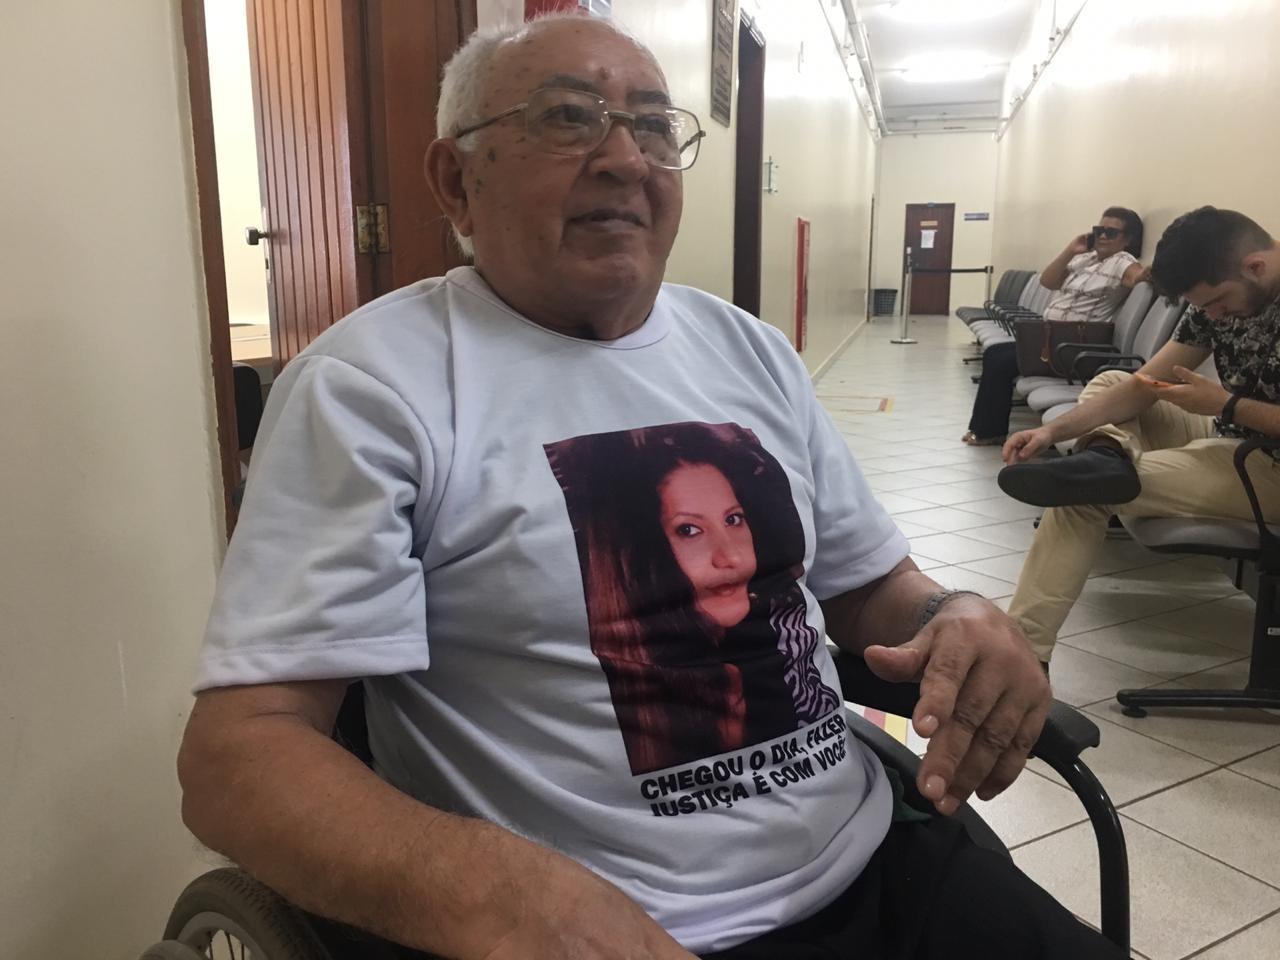 Seis meses após feminicídio, mãe de professora assassinada ainda não sabe da morte da filha em RO - Notícias - Plantão Diário